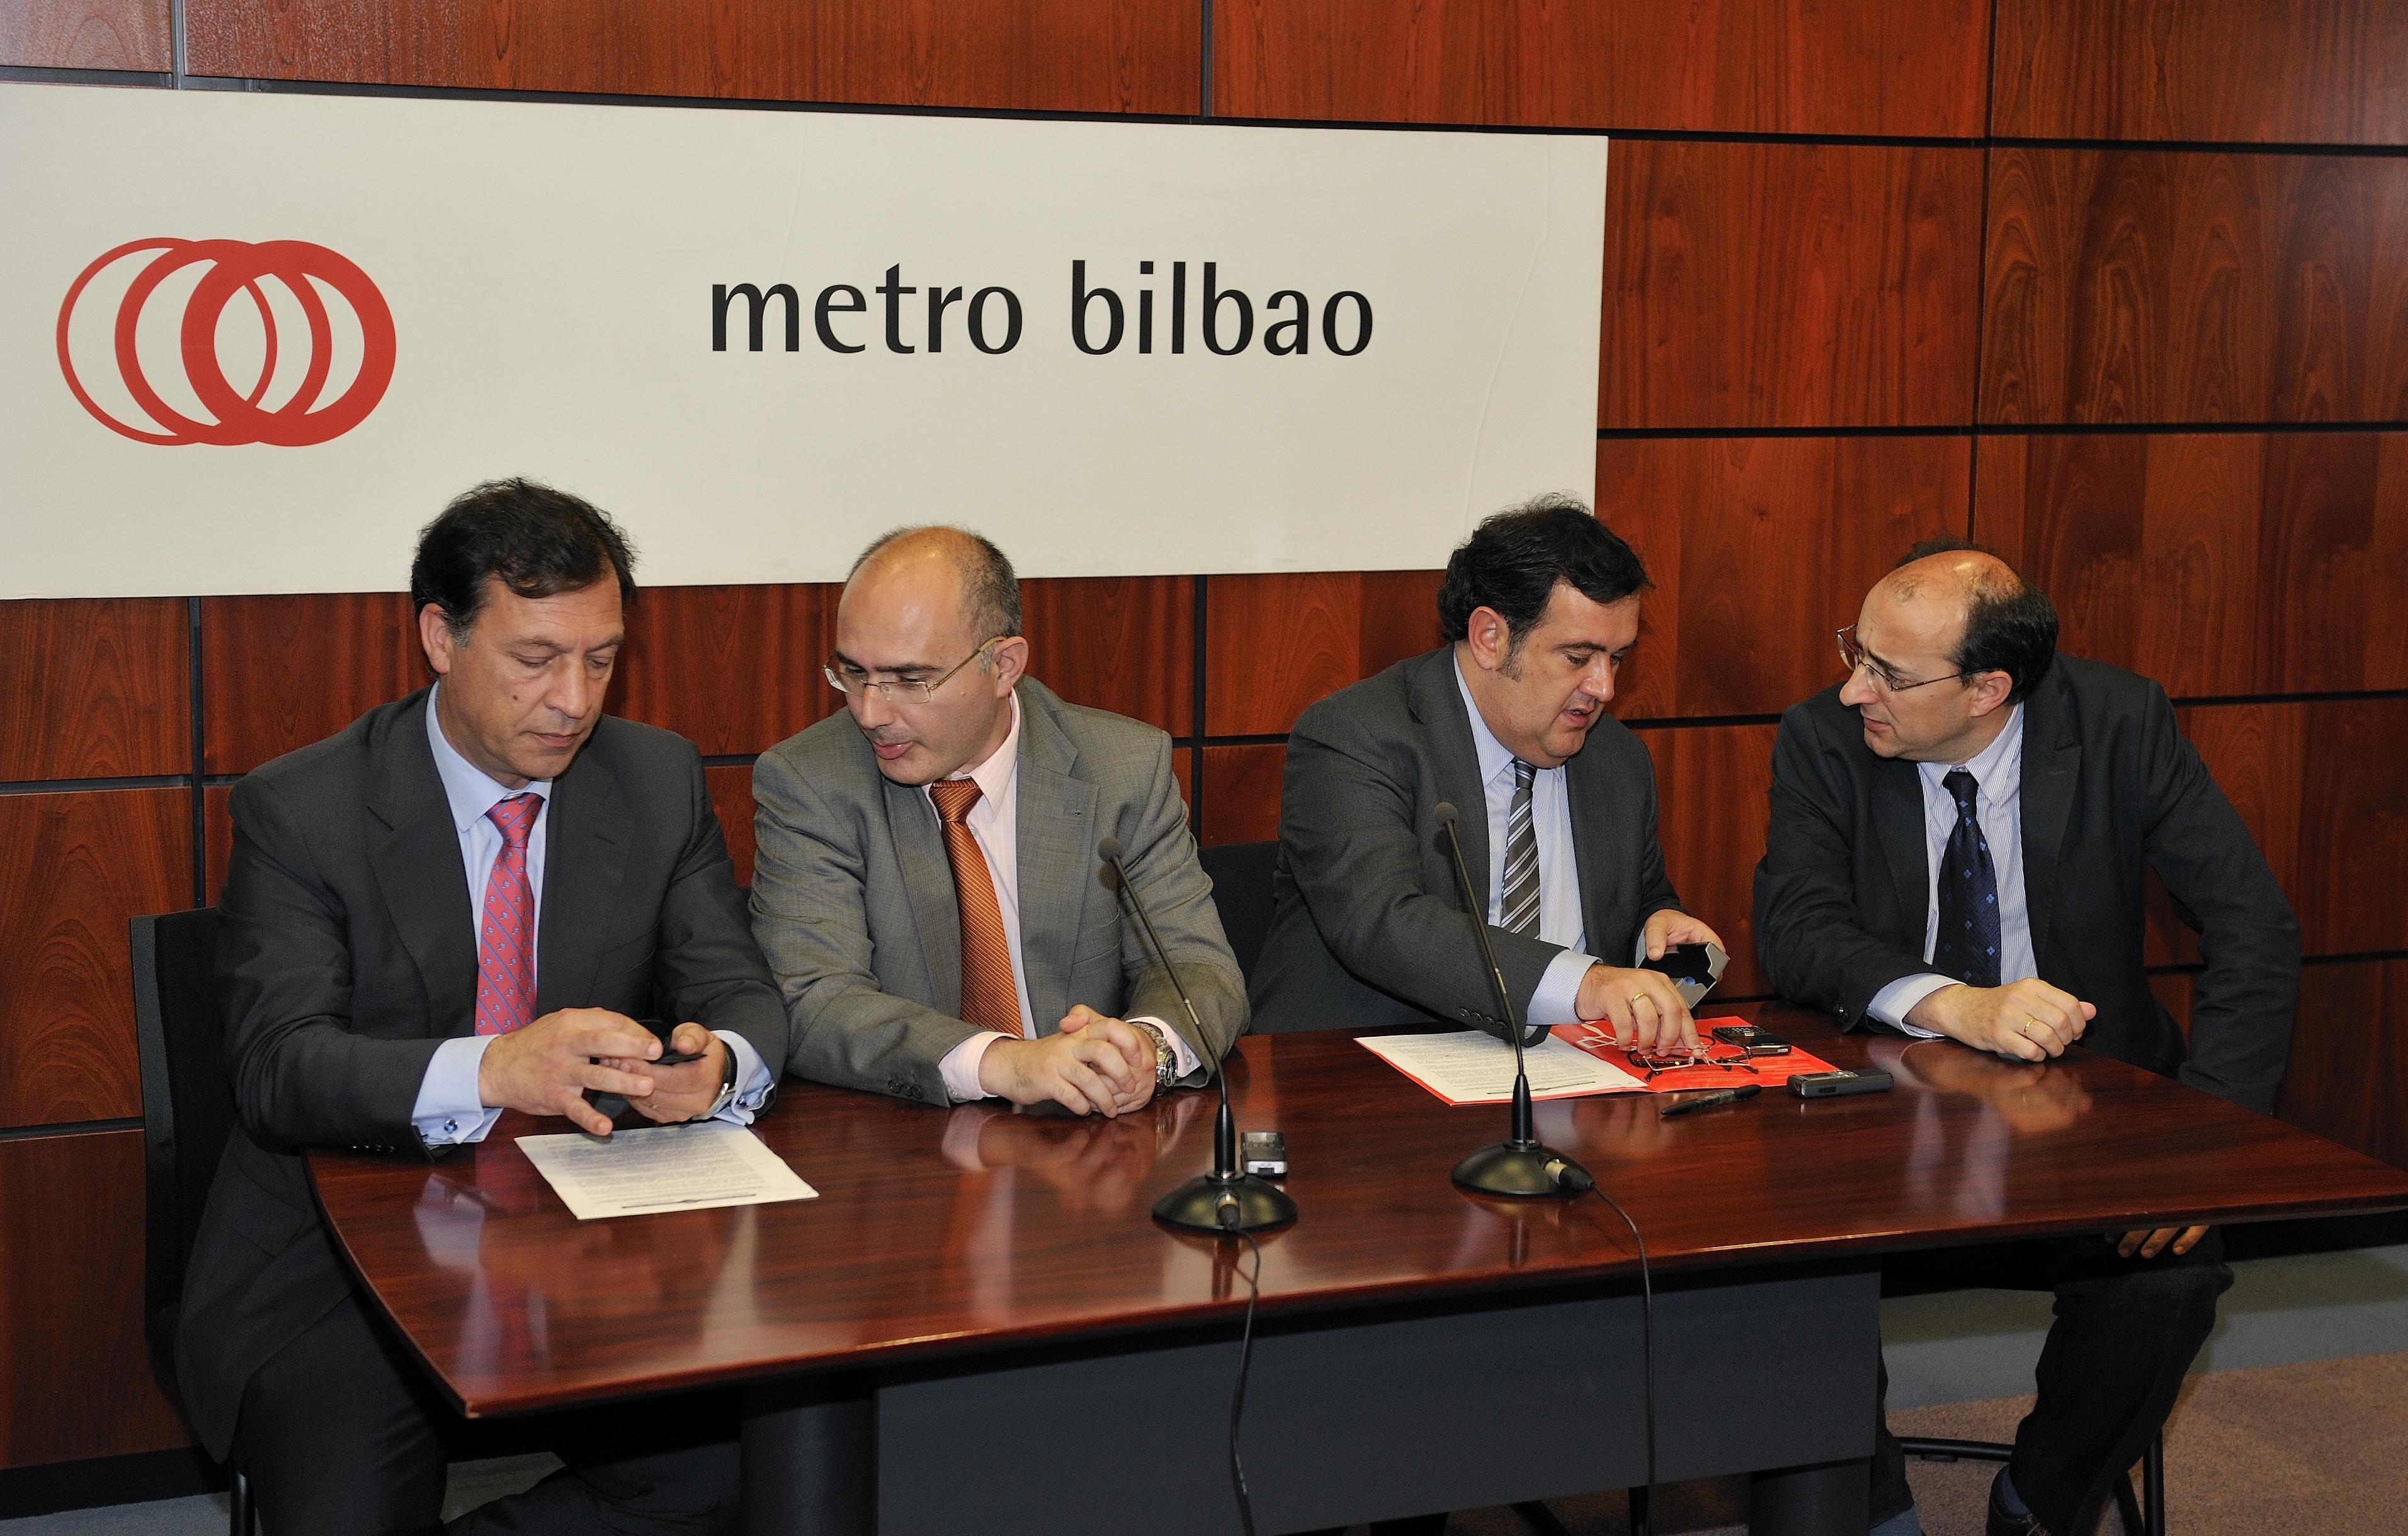 metro4.jpg